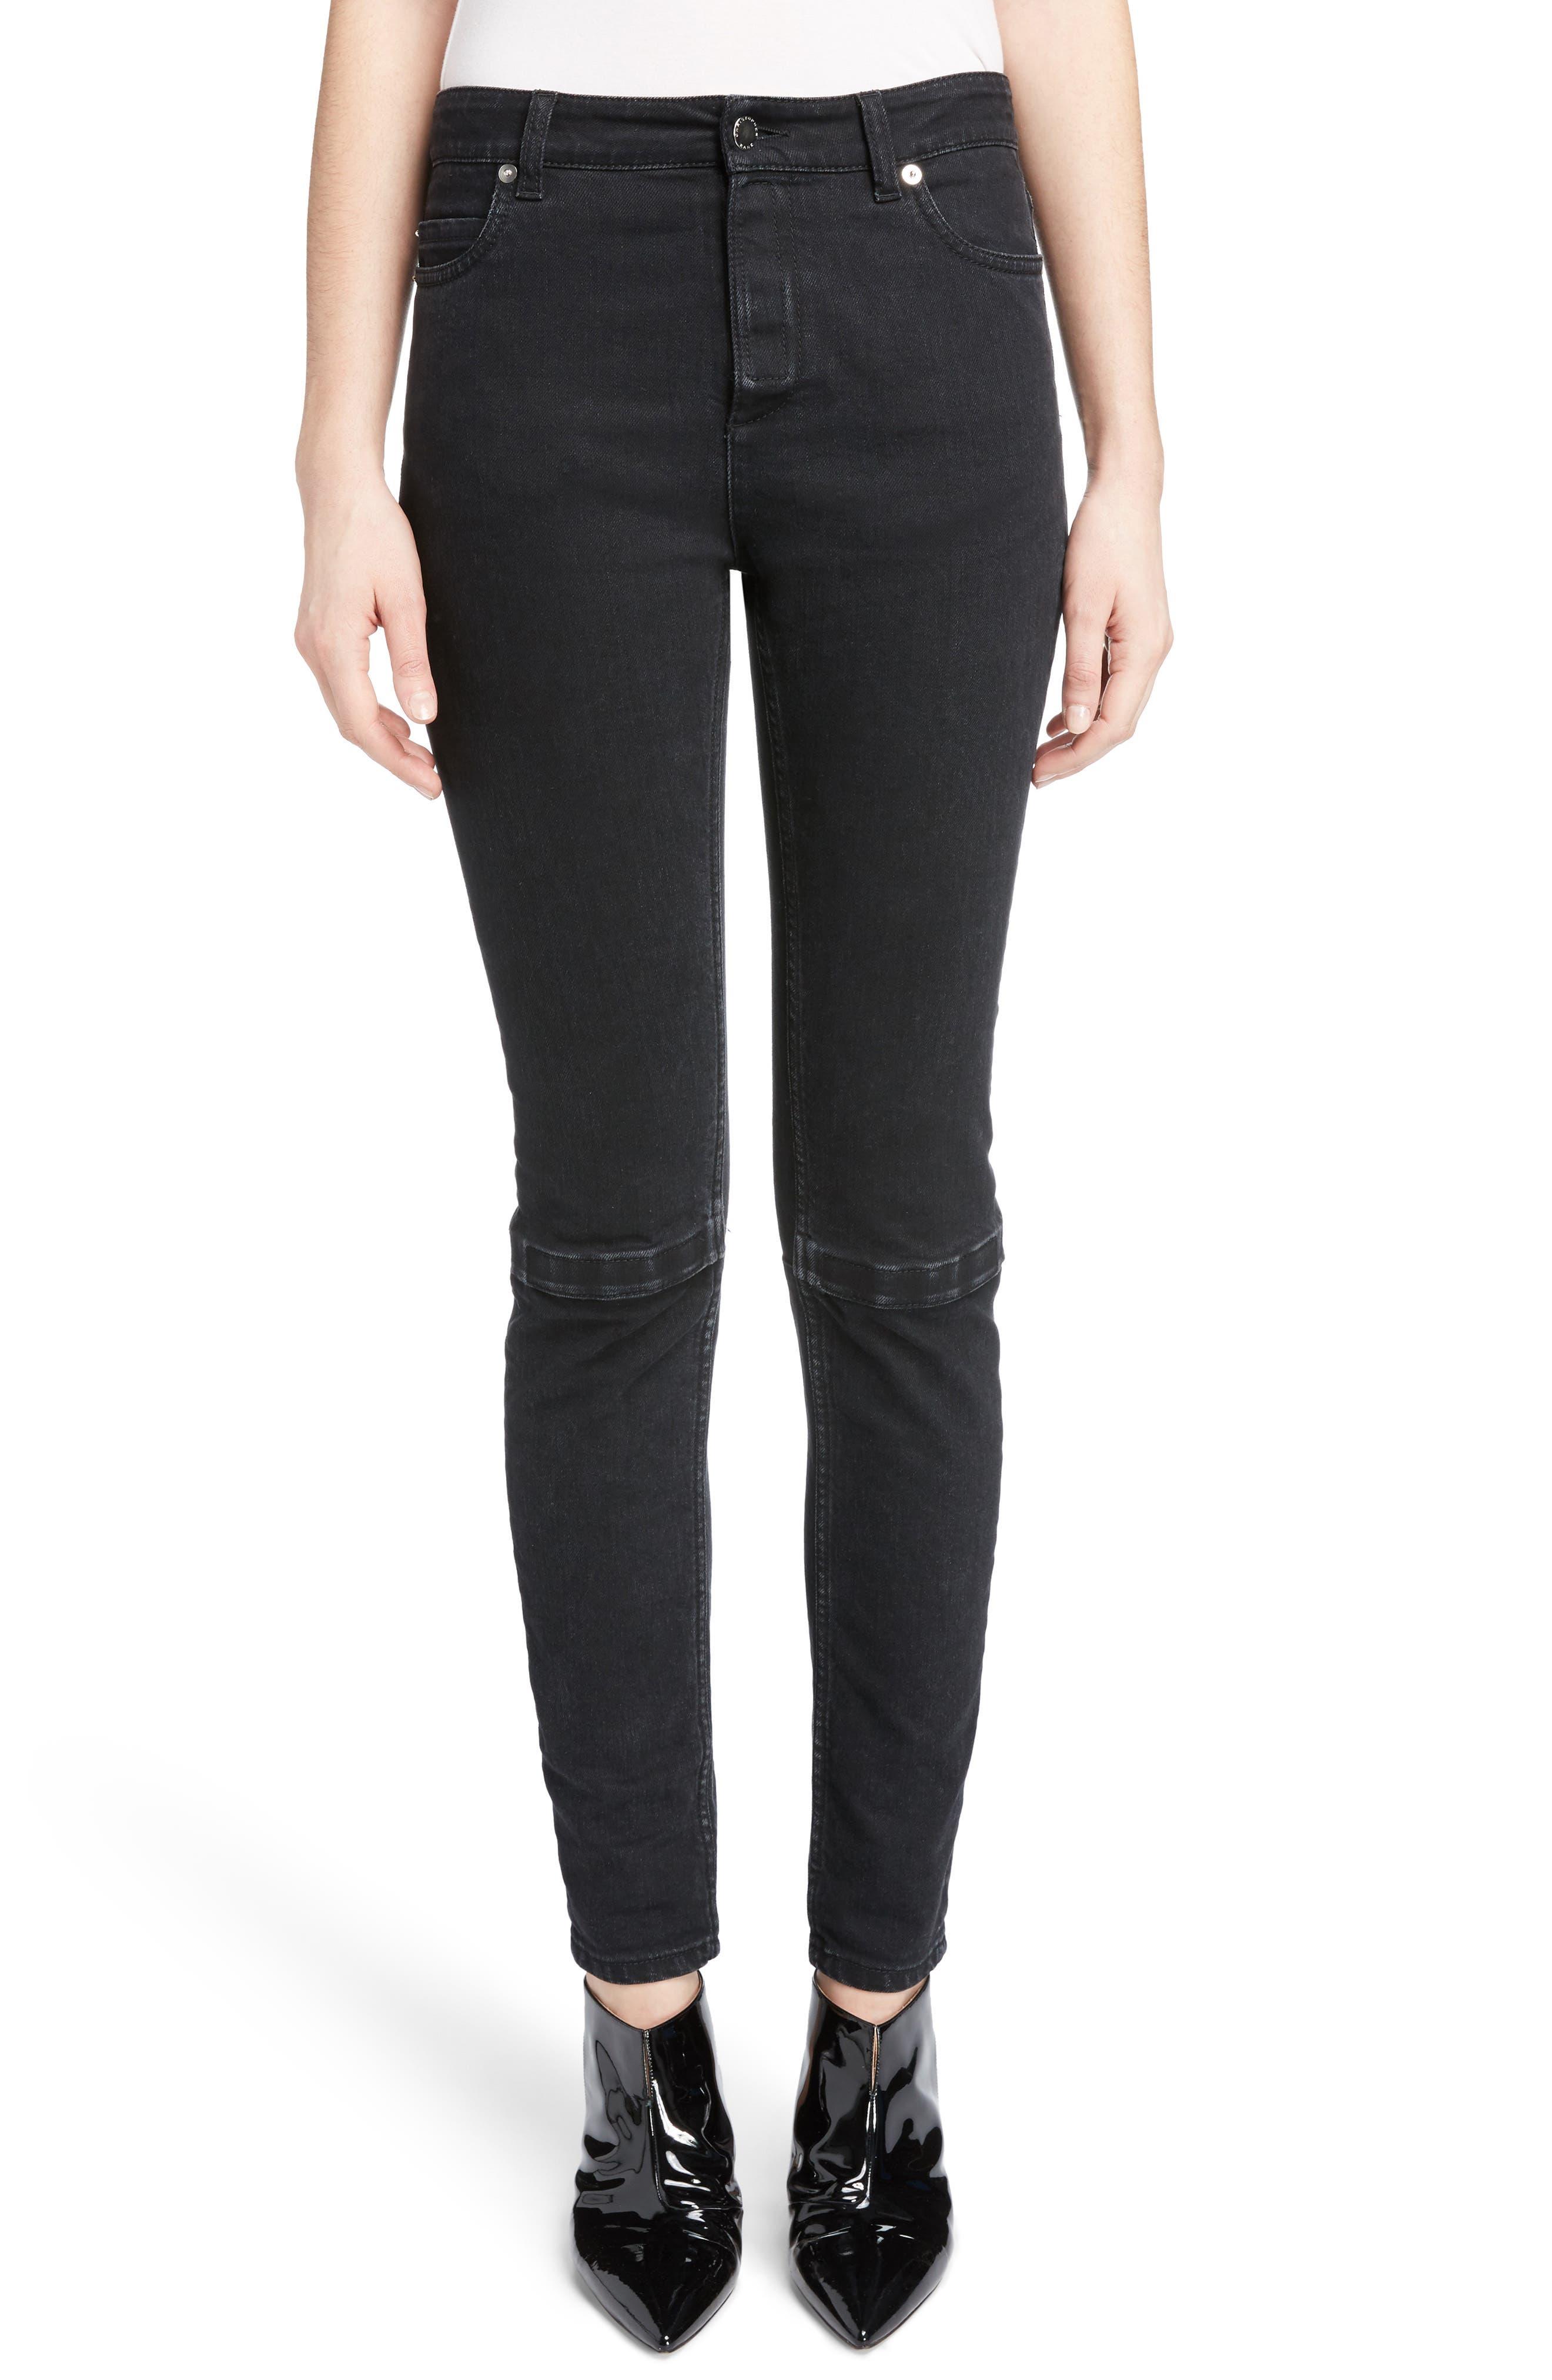 Hook & Loop Fly Skinny Jeans,                         Main,                         color, Black